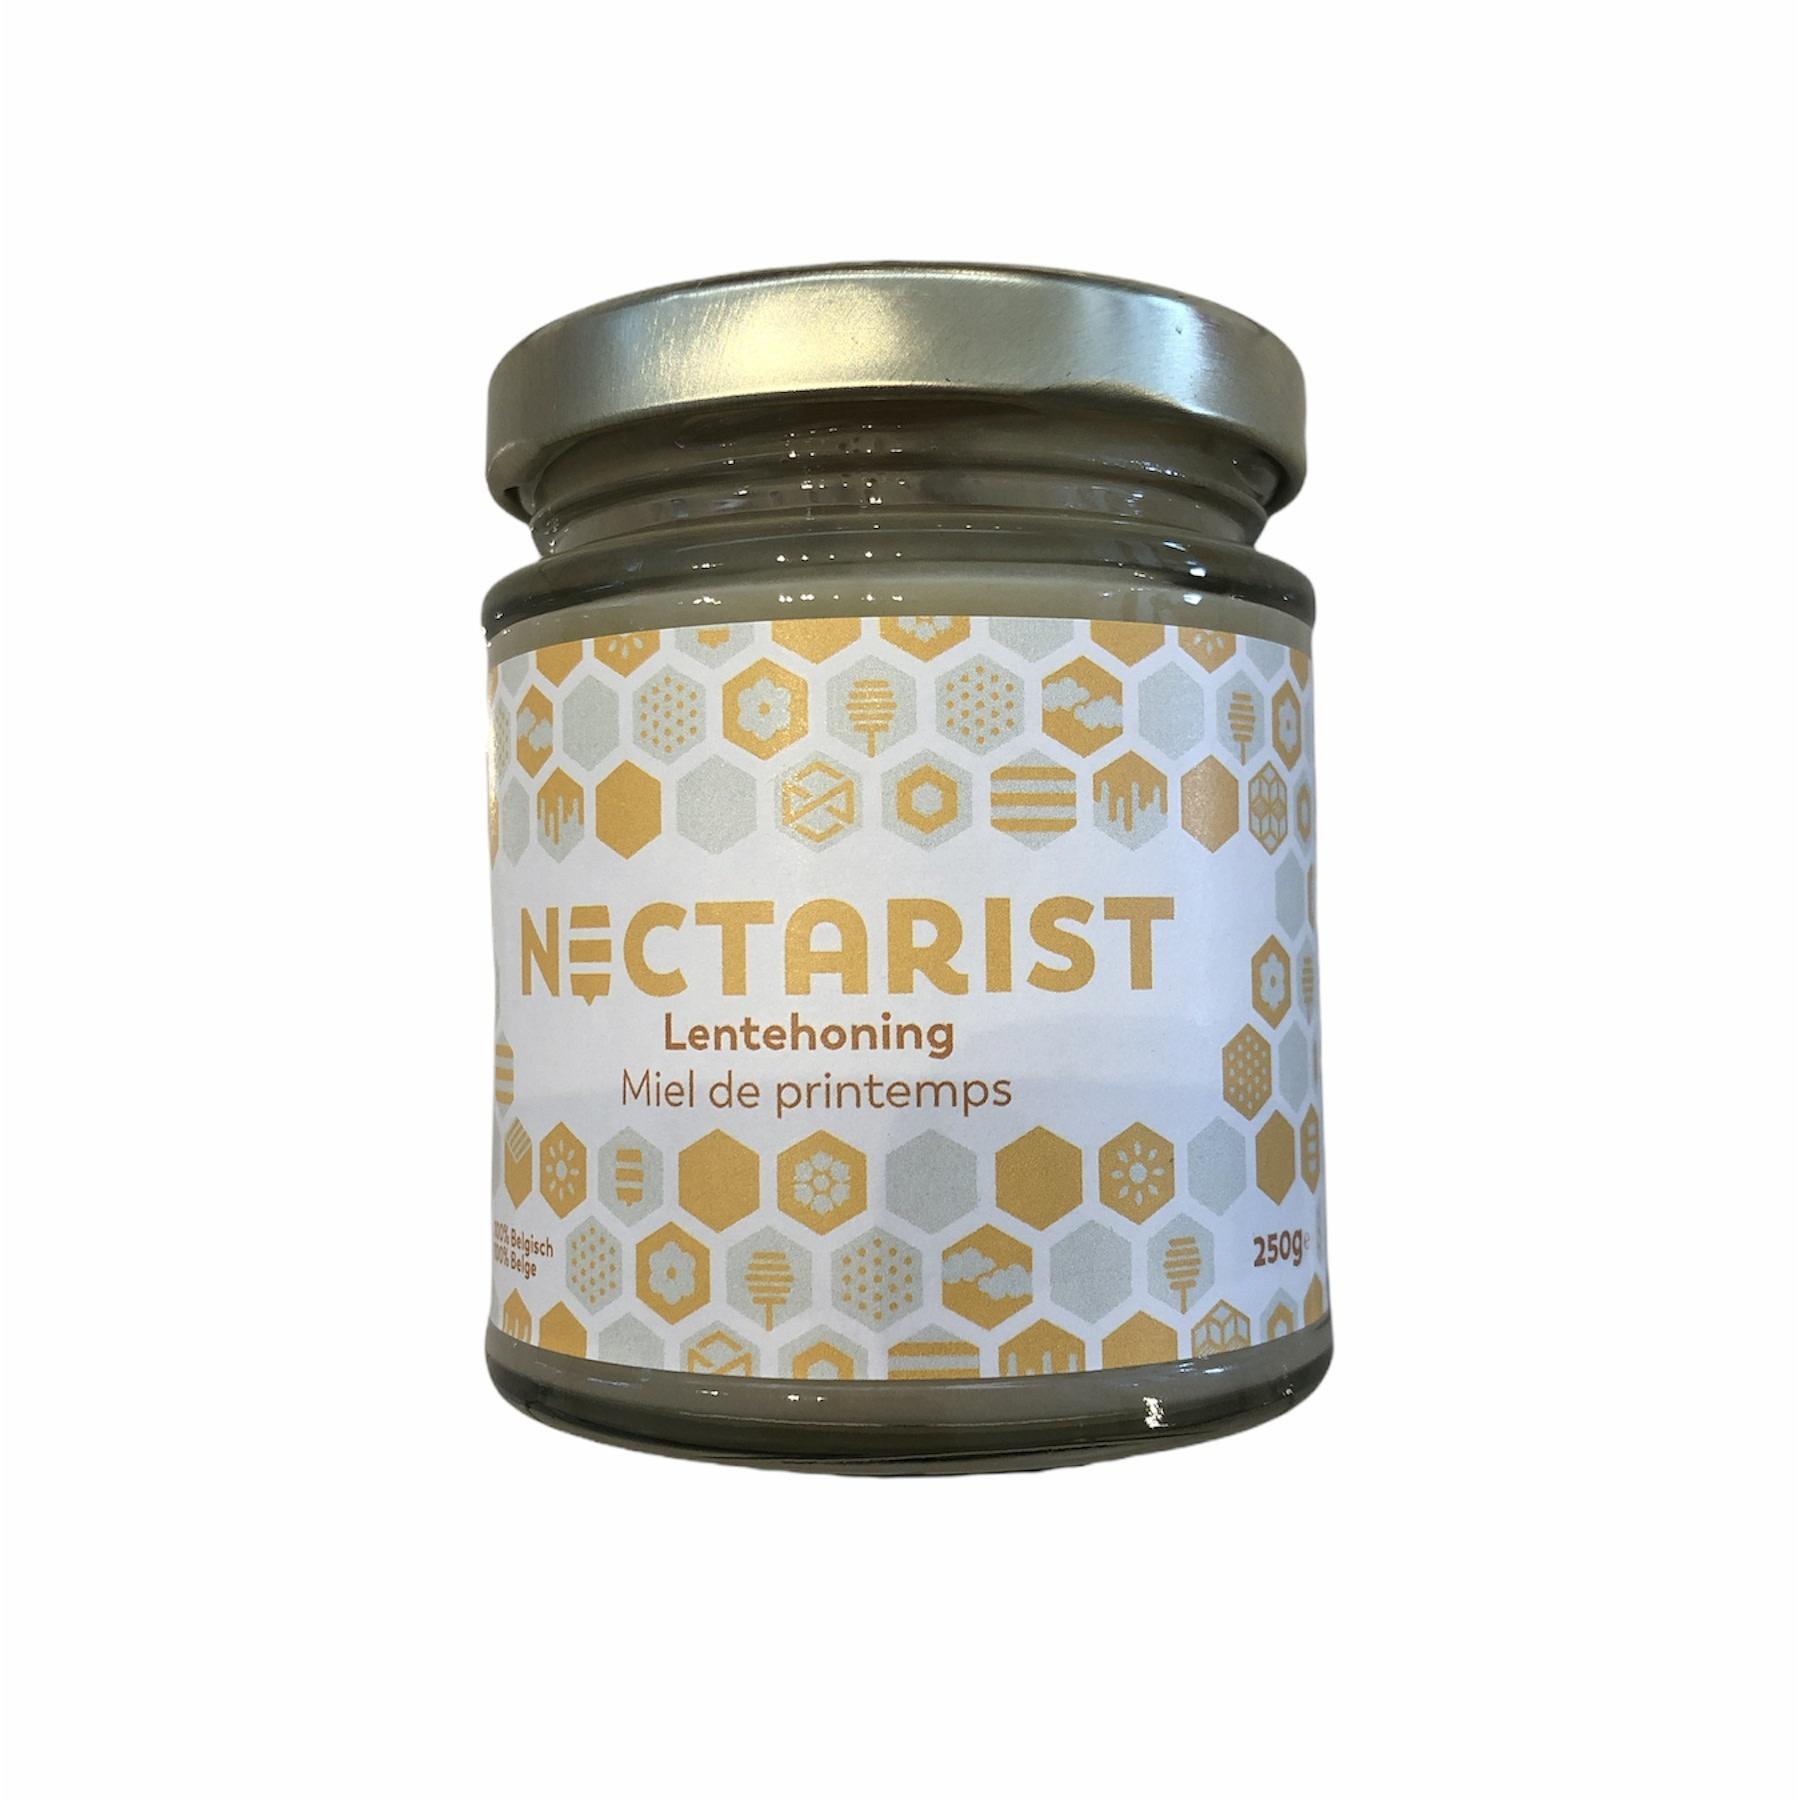 Lentehoning - Nectarist-1